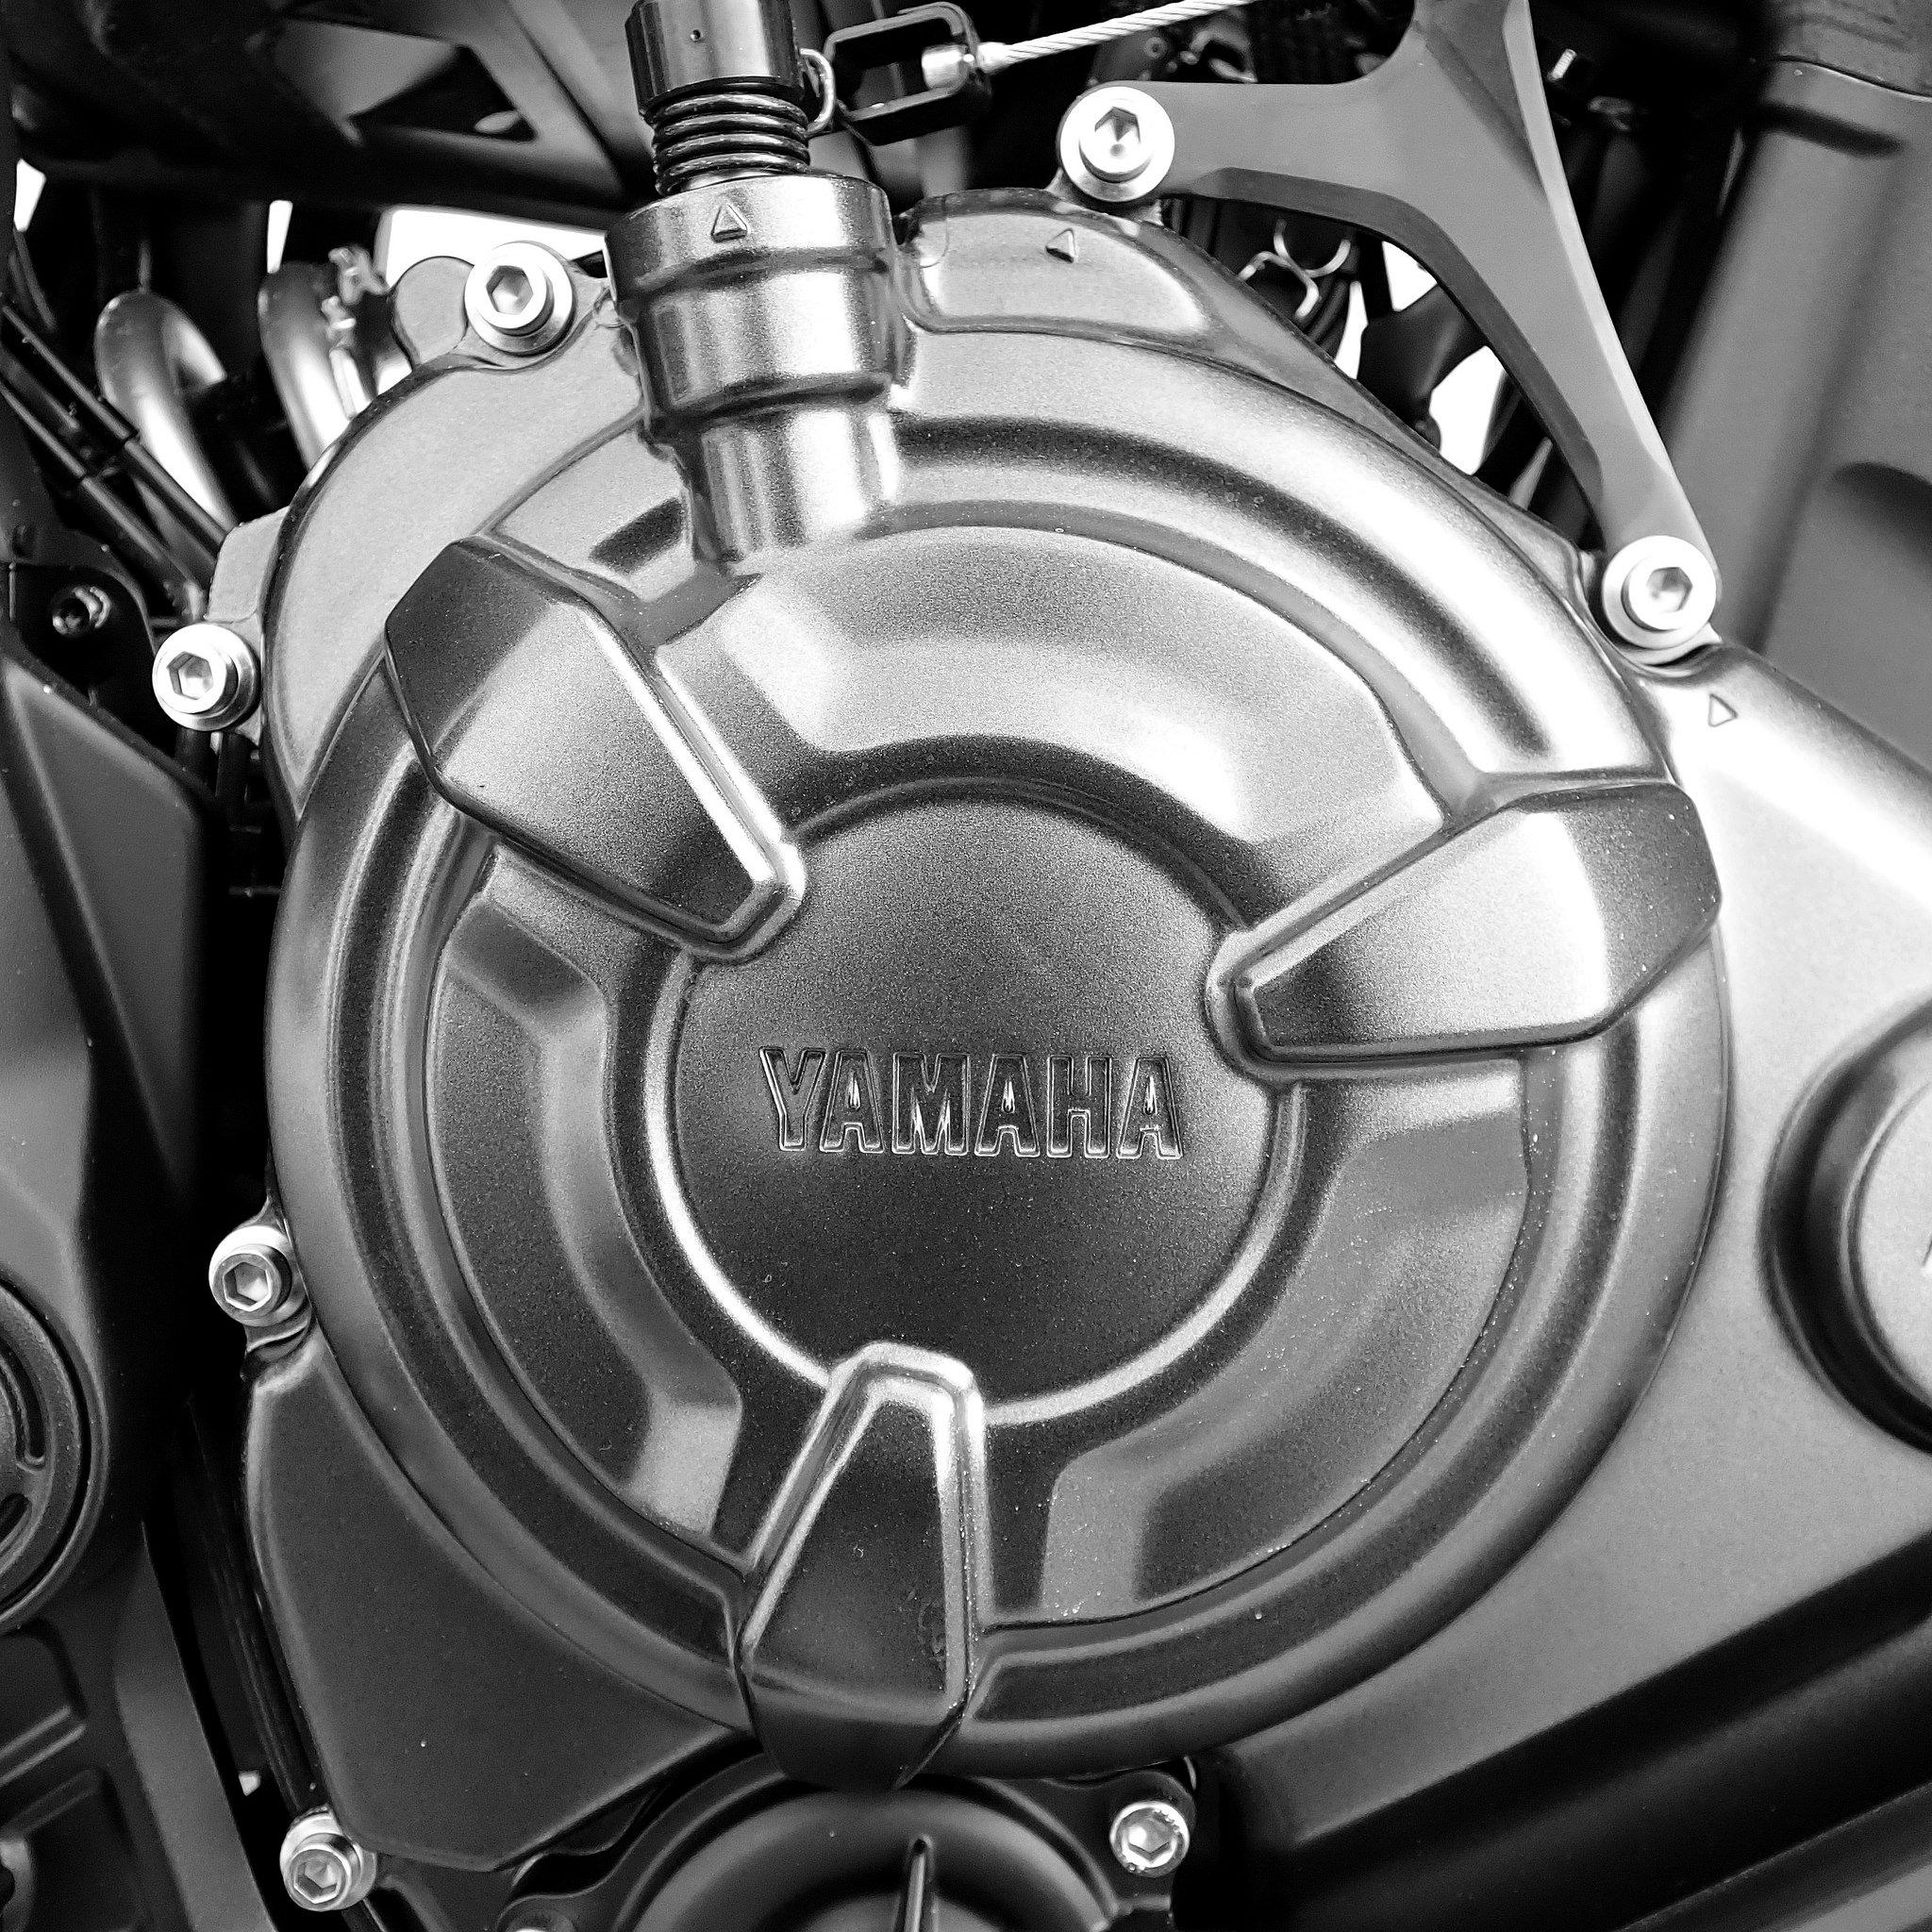 バイクのフリー素材、画像 (35)